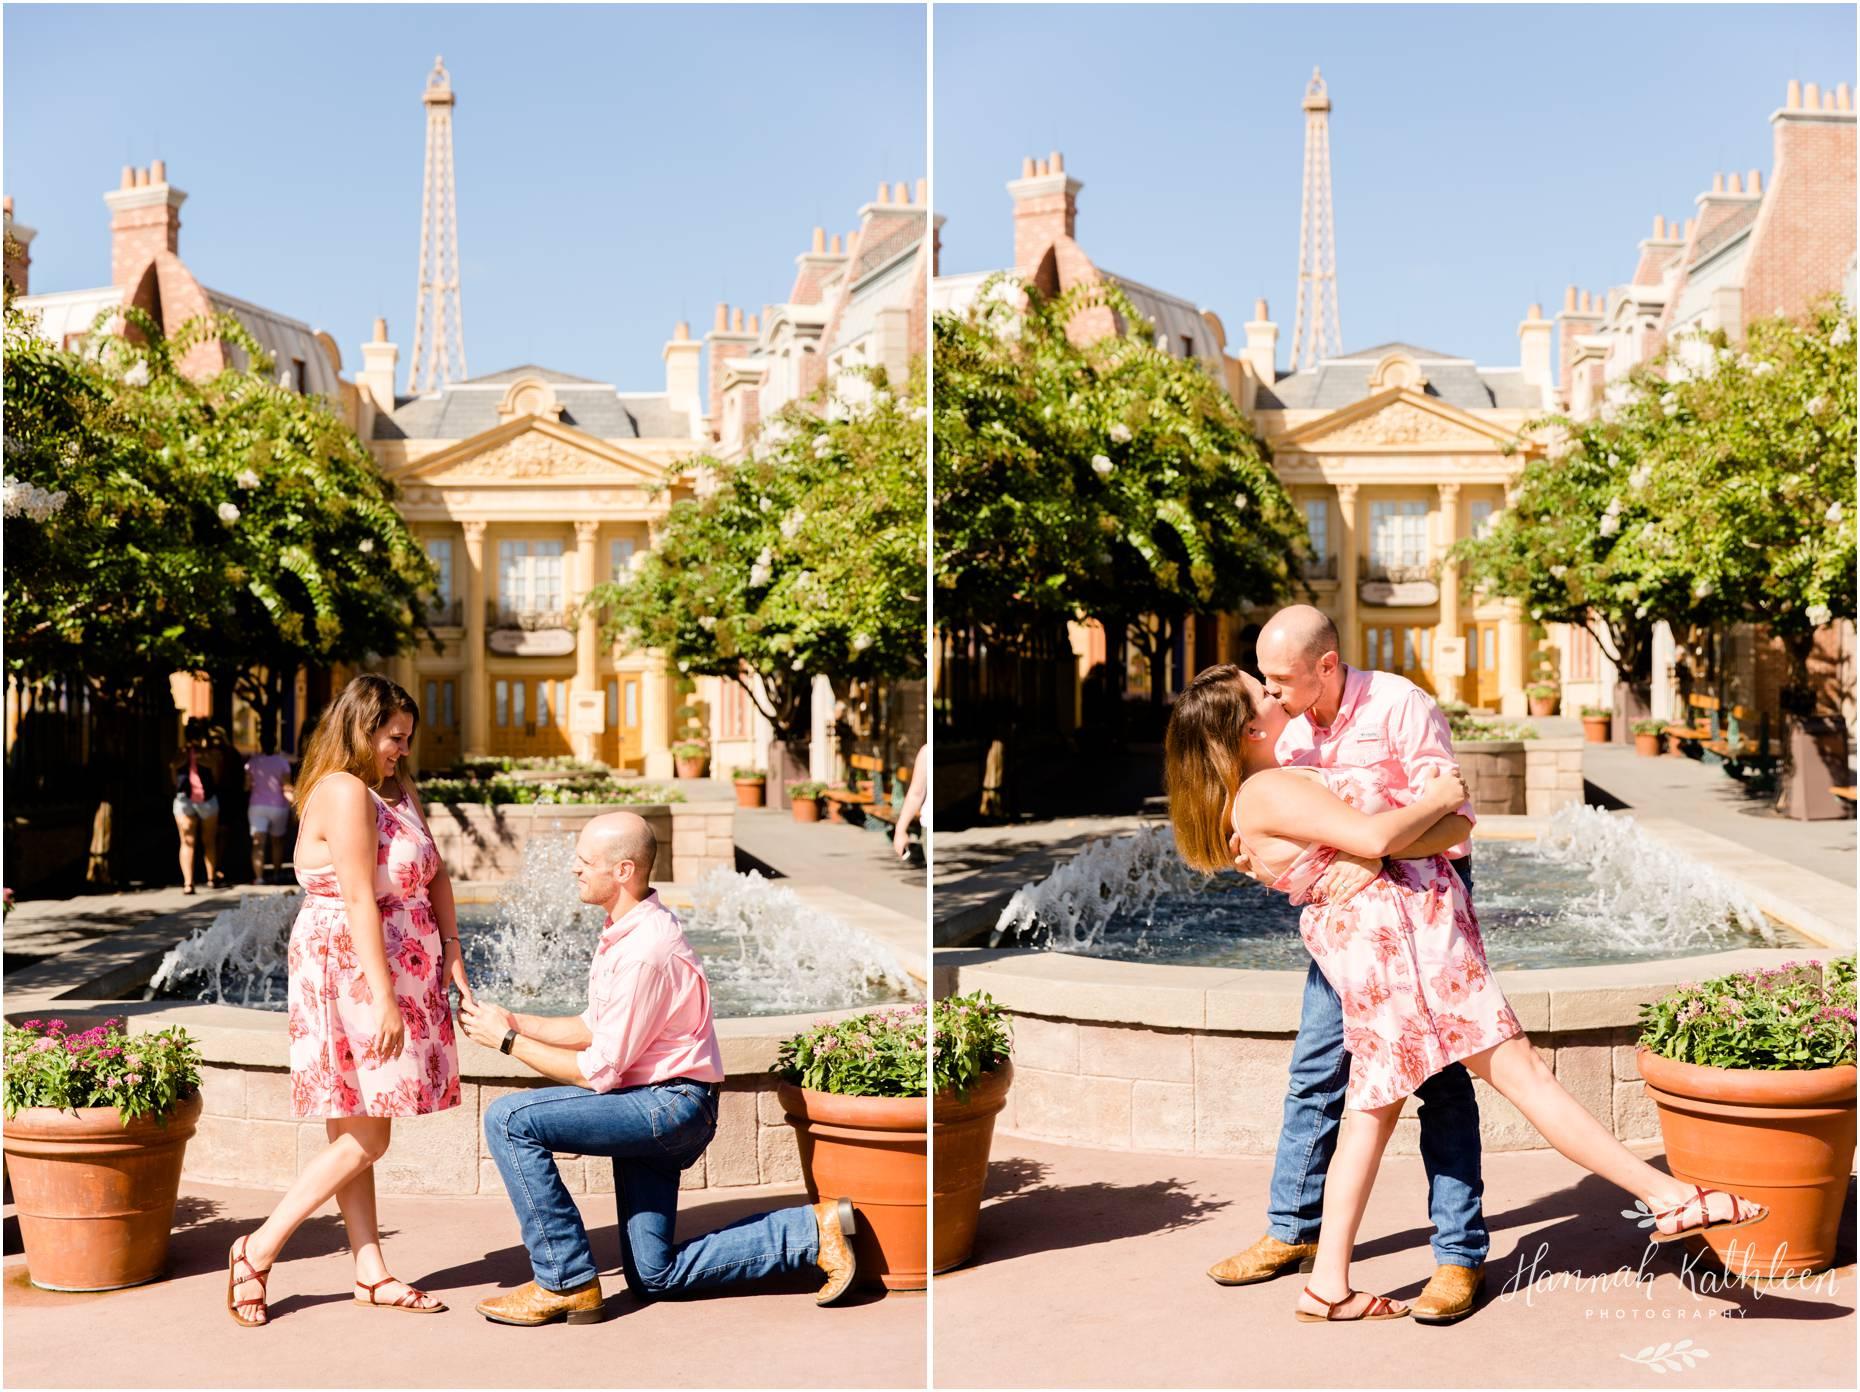 Abbott_Epcot_Disney_World_Photo_Session